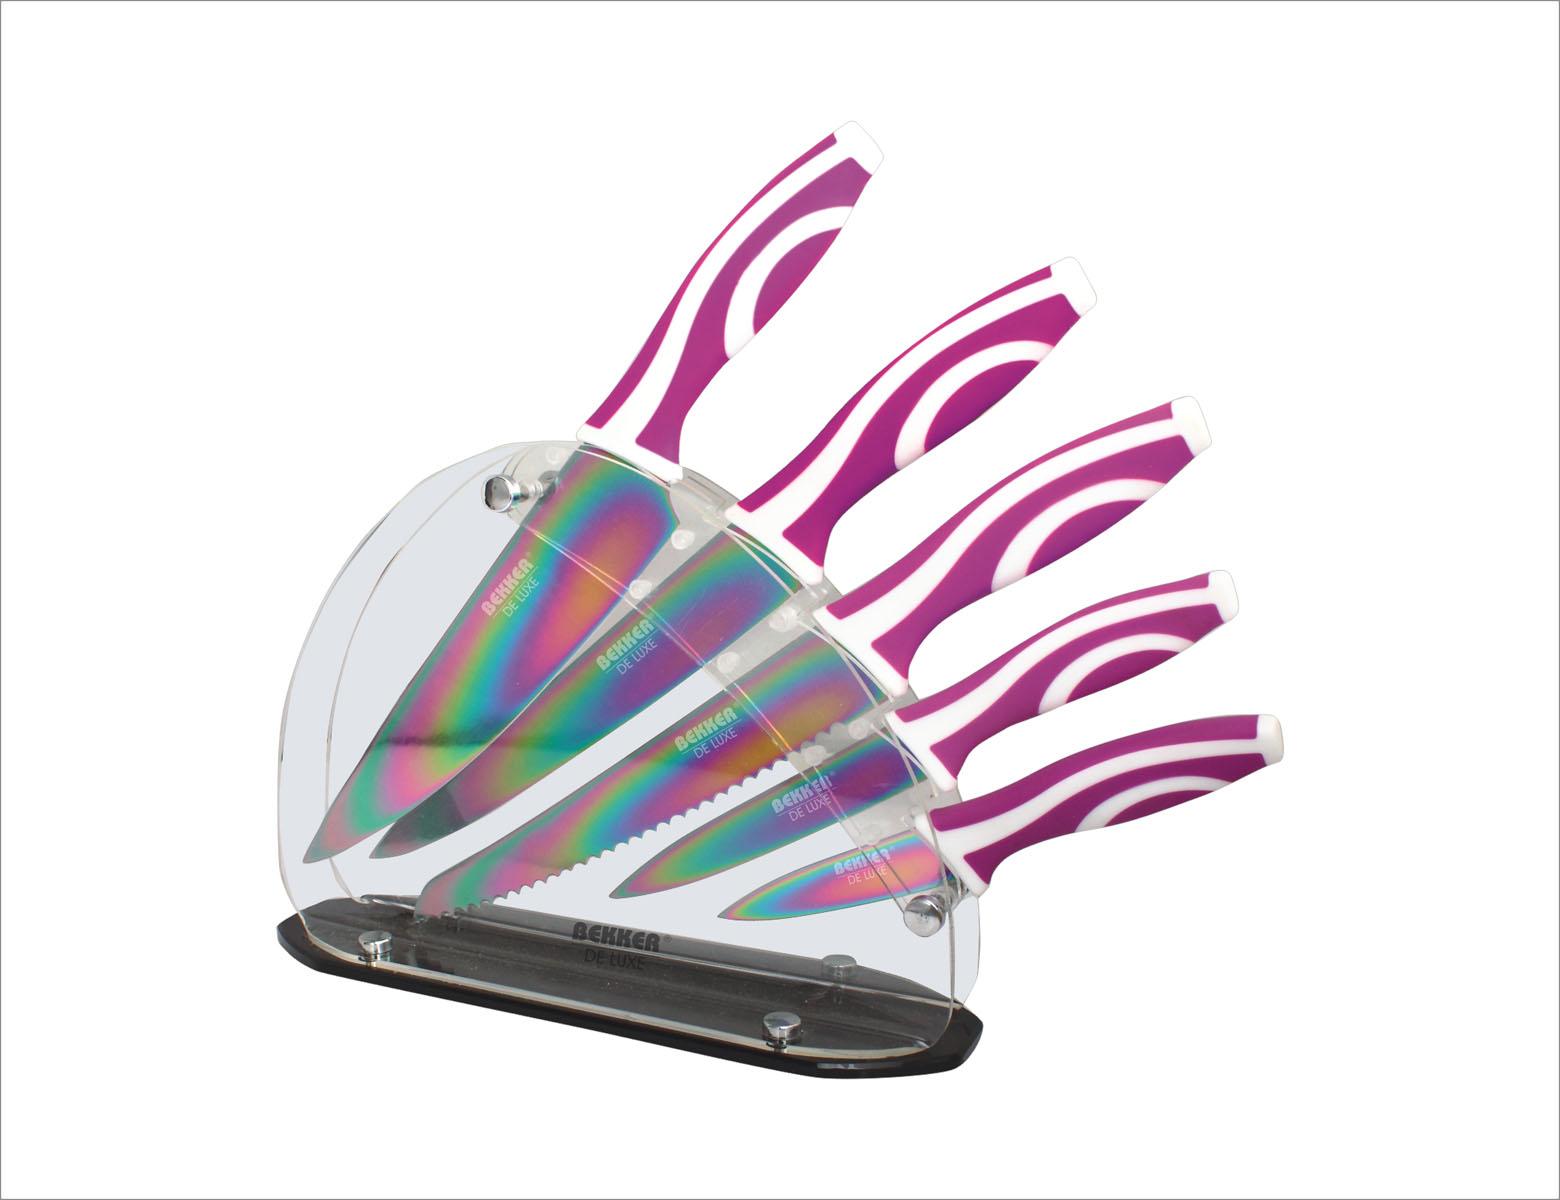 Набор ножей Bekker De Luxe, 6 предметов. BK-8436BK-8436Набор Bekker De Luxe состоит из 5 ножей (нож поварской, нож для резки хлеба, нож для тонкой нарезки, нож универсальный и нож для очистки) и подставки. Лезвия ножей выполнены из высококачественной нержавеющей стали с цветным покрытием Titanium. Ножи с таким покрытием держат заводскую заточку в несколько раз дольше, чем обычные стальные ножи. Продукты, которые вы нарезаете таким ножом, не прилипают к лезвию, не вступают в химическую реакцию, не окисляются и не намагничиваются, т.е. сохраняют все свои полезные свойства. Ножи очень удобны в эксплуатации, не царапаются, легко моются. Эргономичные ручки выполнены из прорезиненного пластика. В набор входит: - Поварской нож. Имеет тяжелую ручку, толстое, широкое и длинное лезвие с центрированным острием. Все это позволяет рубить овощи, зелень, резать мороженое мясо, рыбу и птицу. - Нож для резки хлеба. Нож имеет широкое клиновидное лезвие с зазубренной заточкой. Подходит для различной выпечки и хлебобулочных...